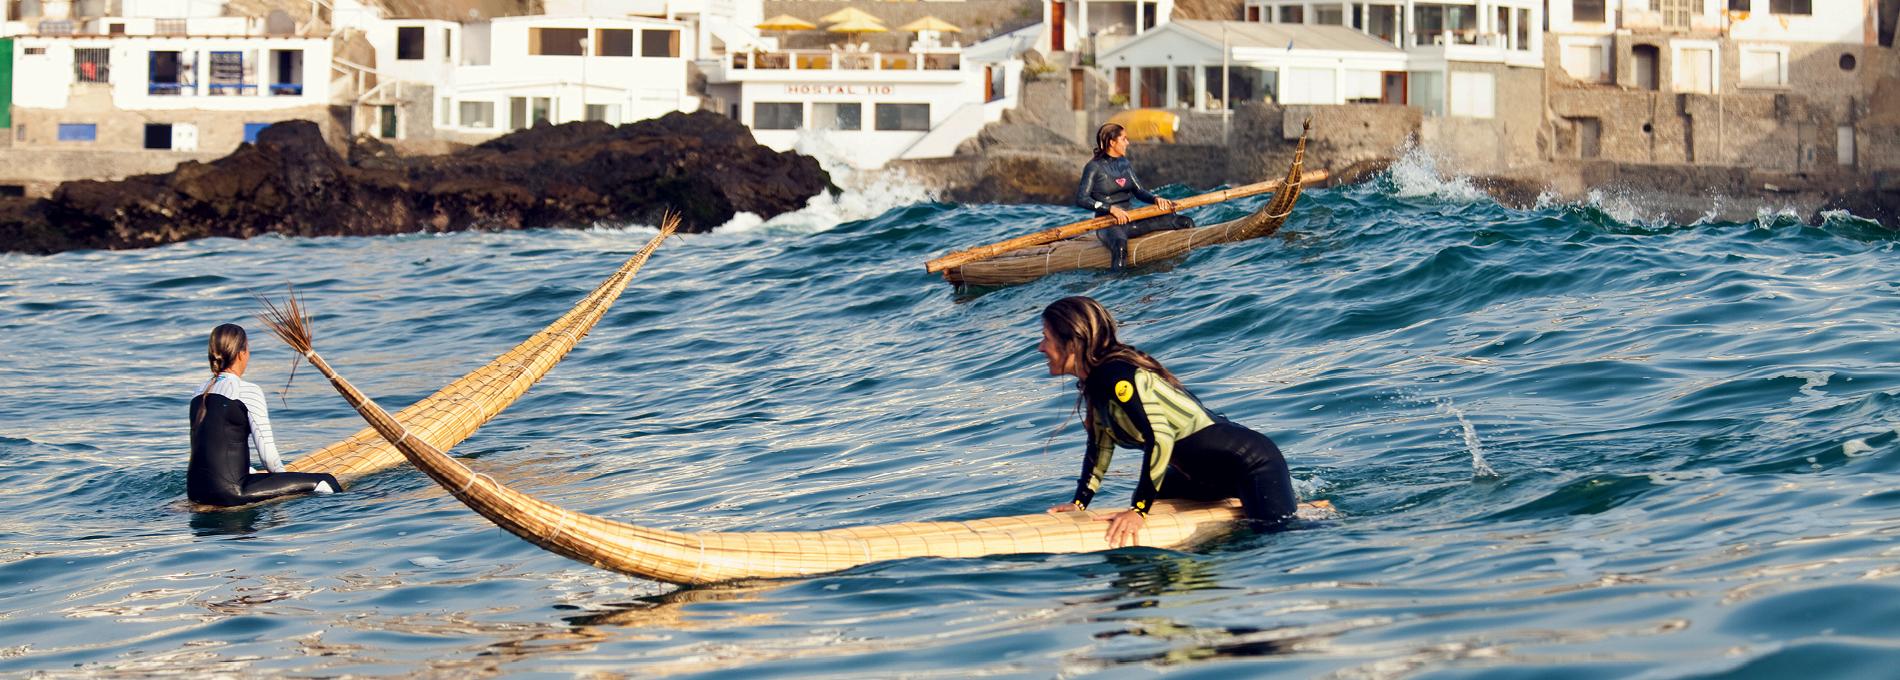 Surfin' Peru